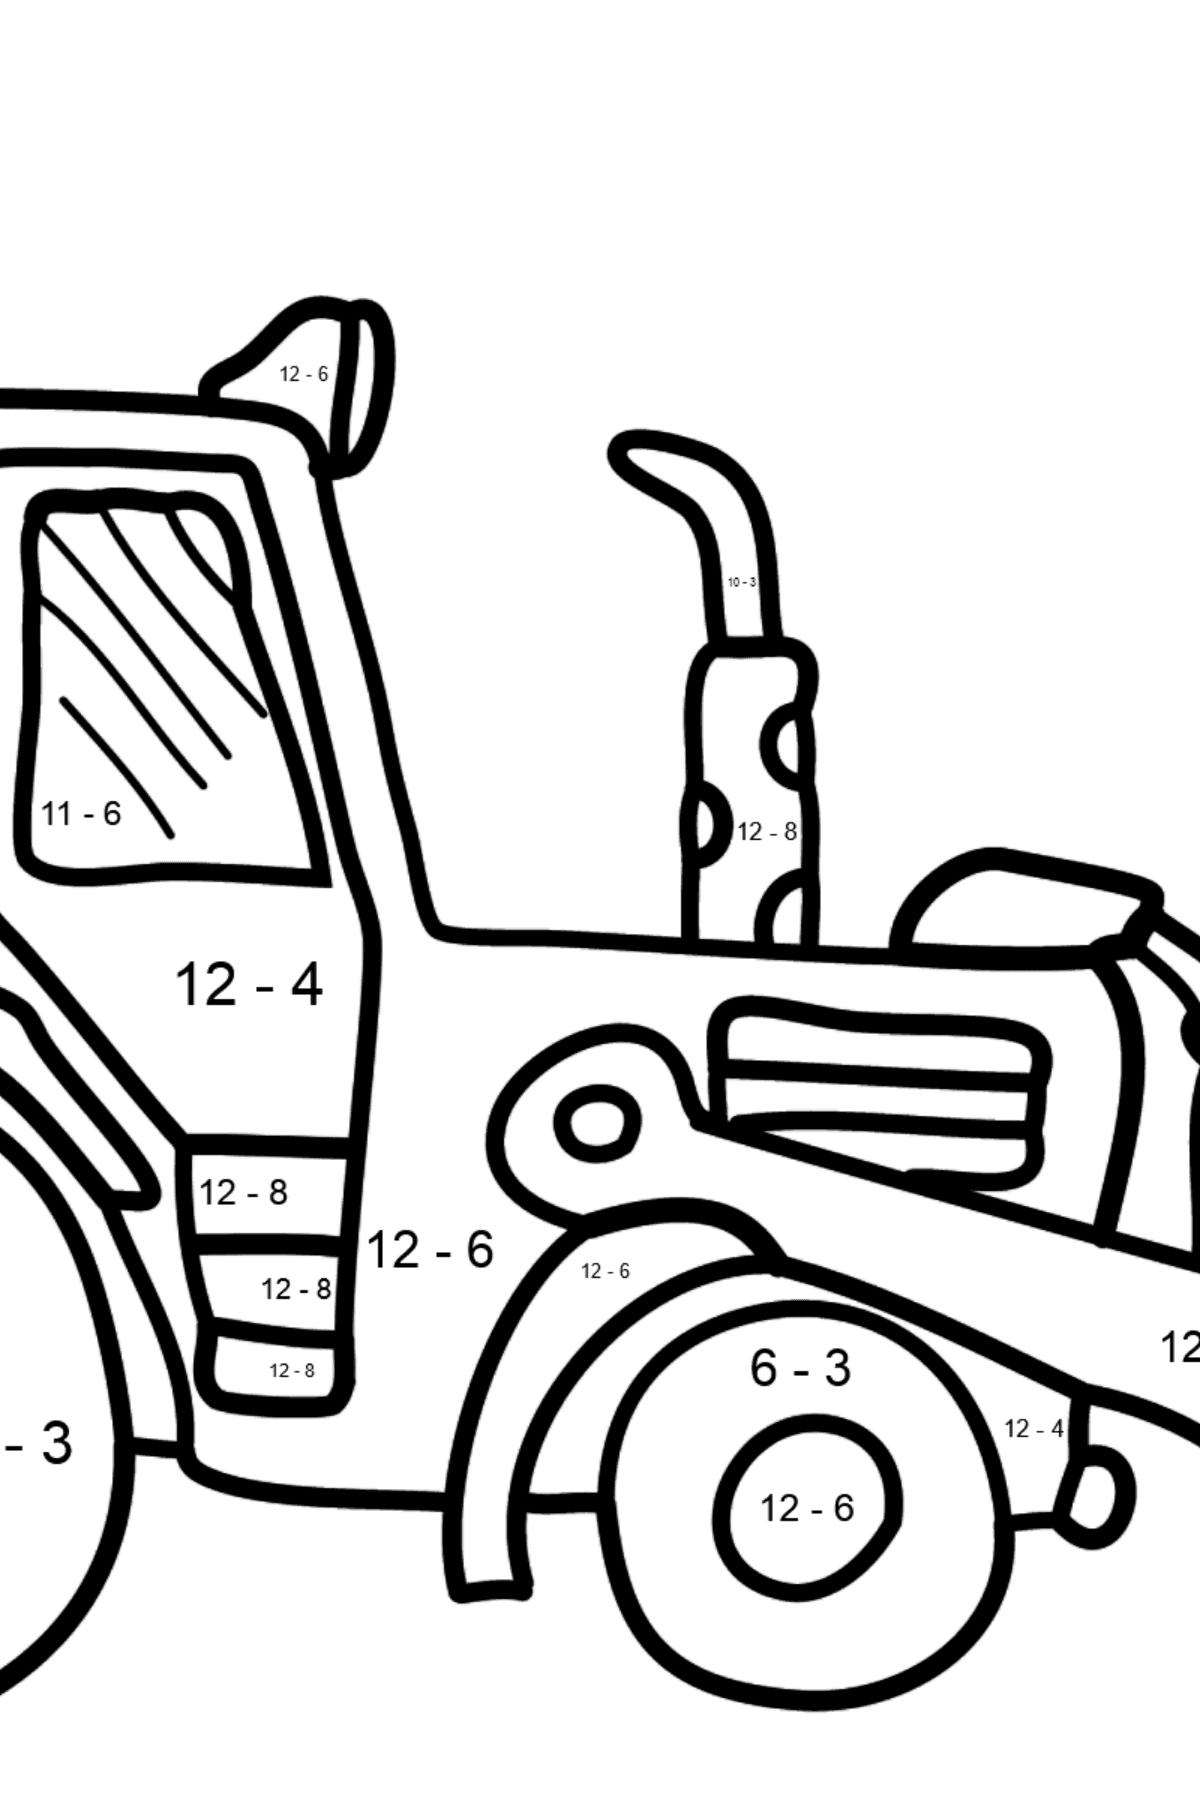 Malvorlage mit Ein gelber Traktor ♥ Kostenlos Drucken und Online!